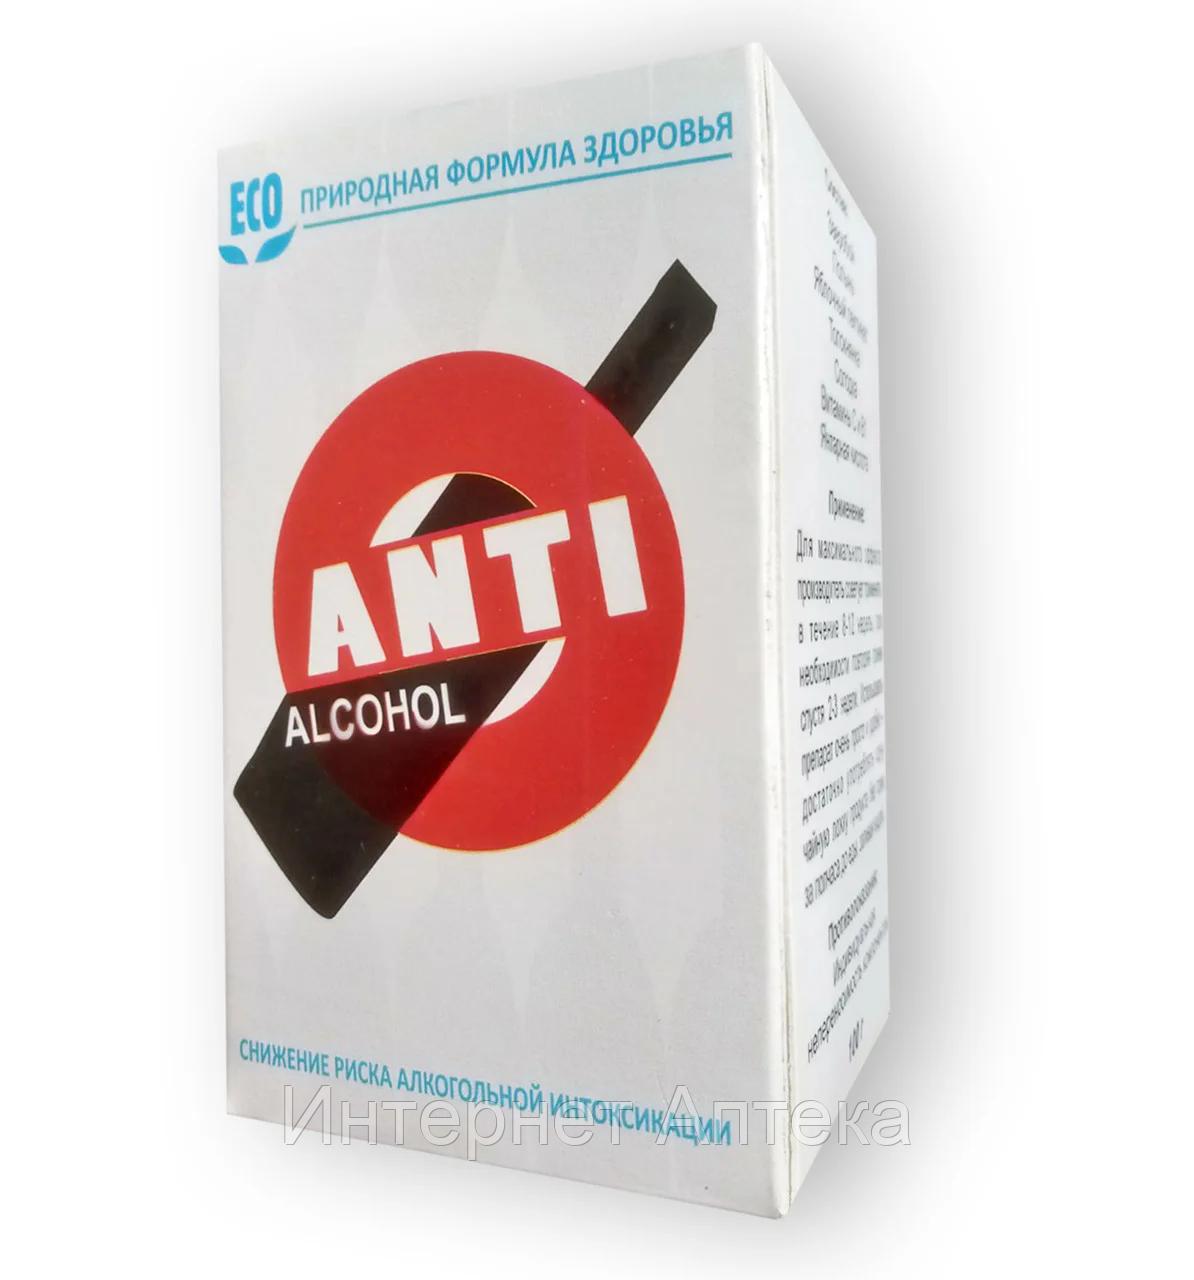 Анти Алкоголь - Препарат от алкогольной интоксикации (Anti Alcohol),Препарат Anti Alcohol (Анти Алкоголь) от а